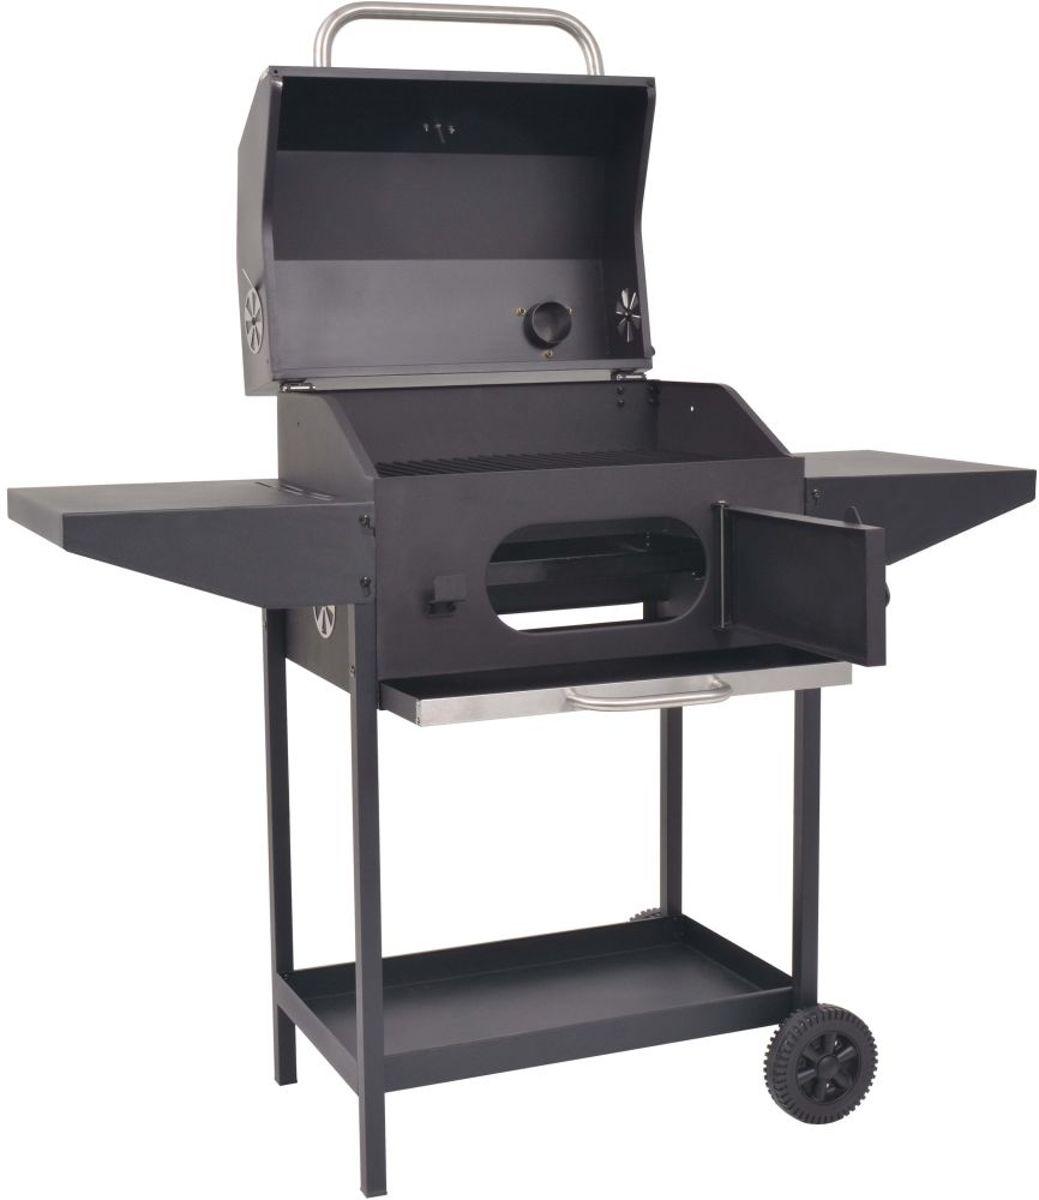 Barbecue Houtskool met Wielen en onderplank / Houtskool BBQ / Barbeque met wielen kopen